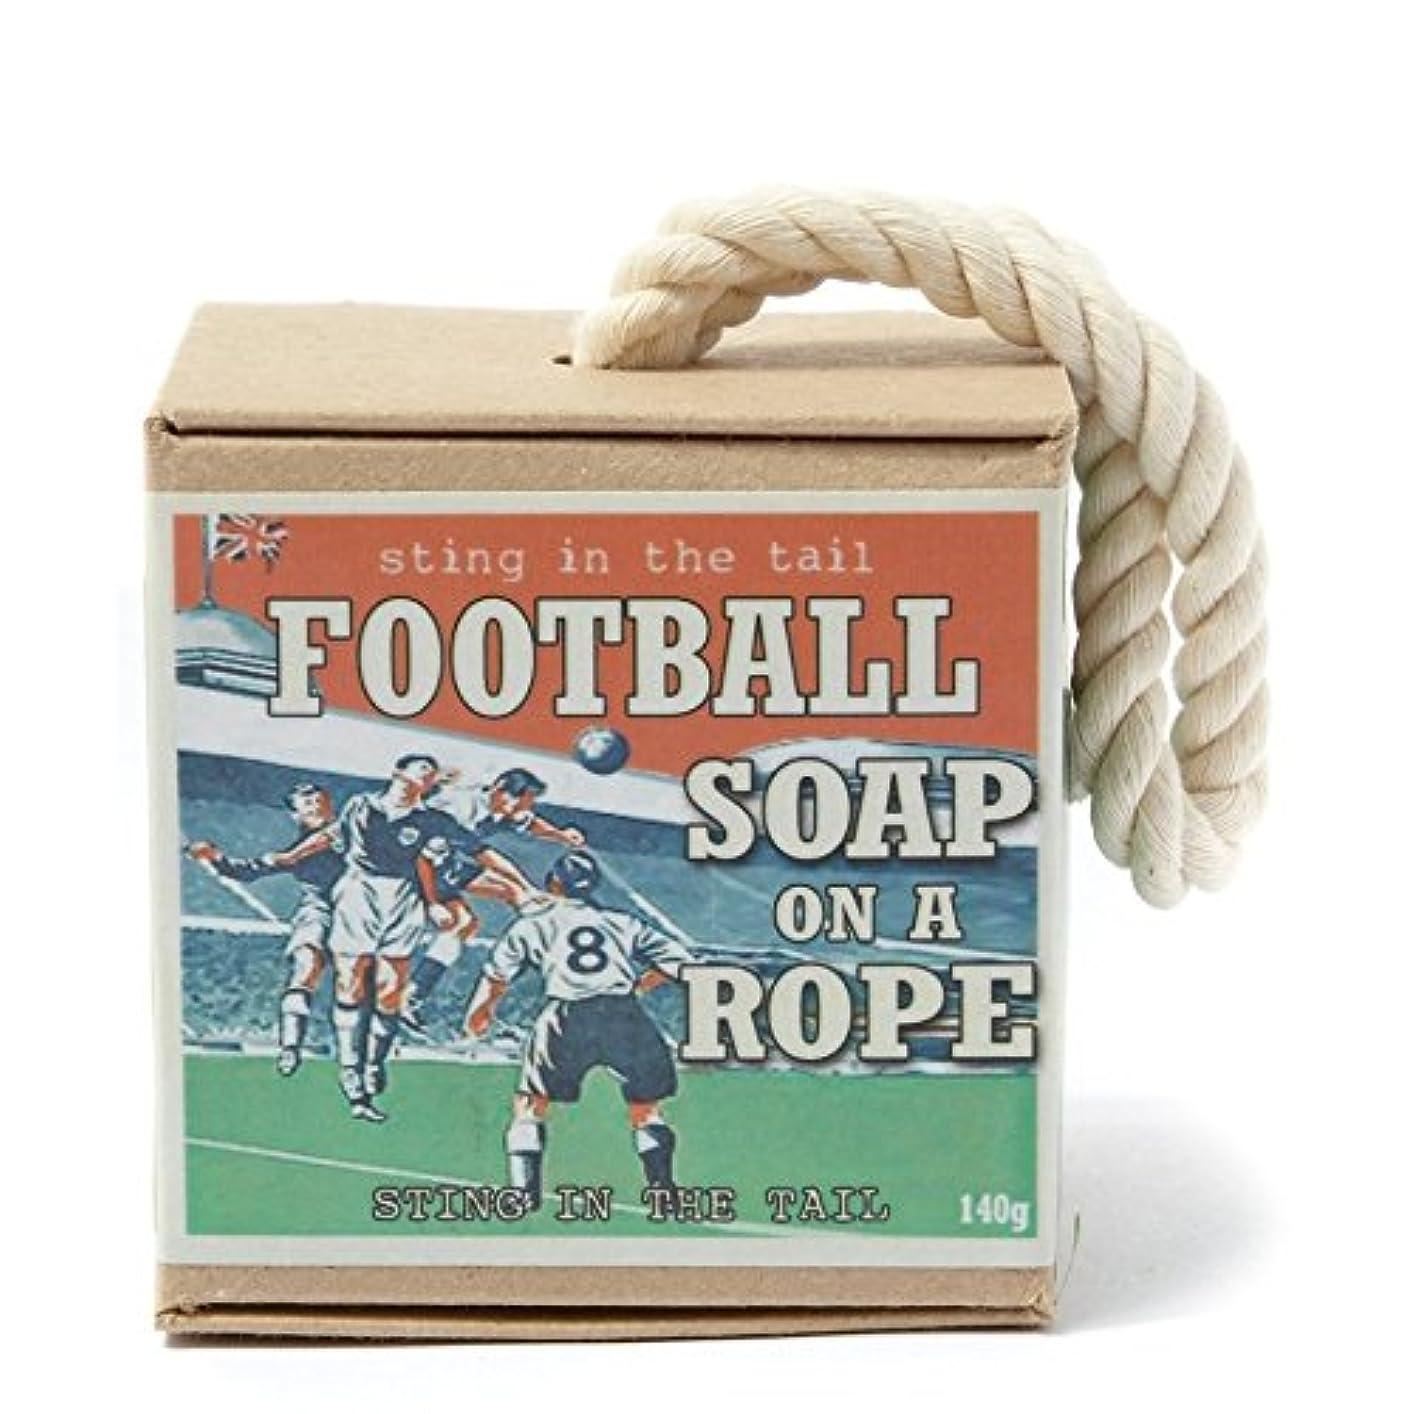 長方形弾性寛容ロープ石鹸のテールサッカーで刺します x2 - Sting In The Tail Football on a Rope Soap (Pack of 2) [並行輸入品]